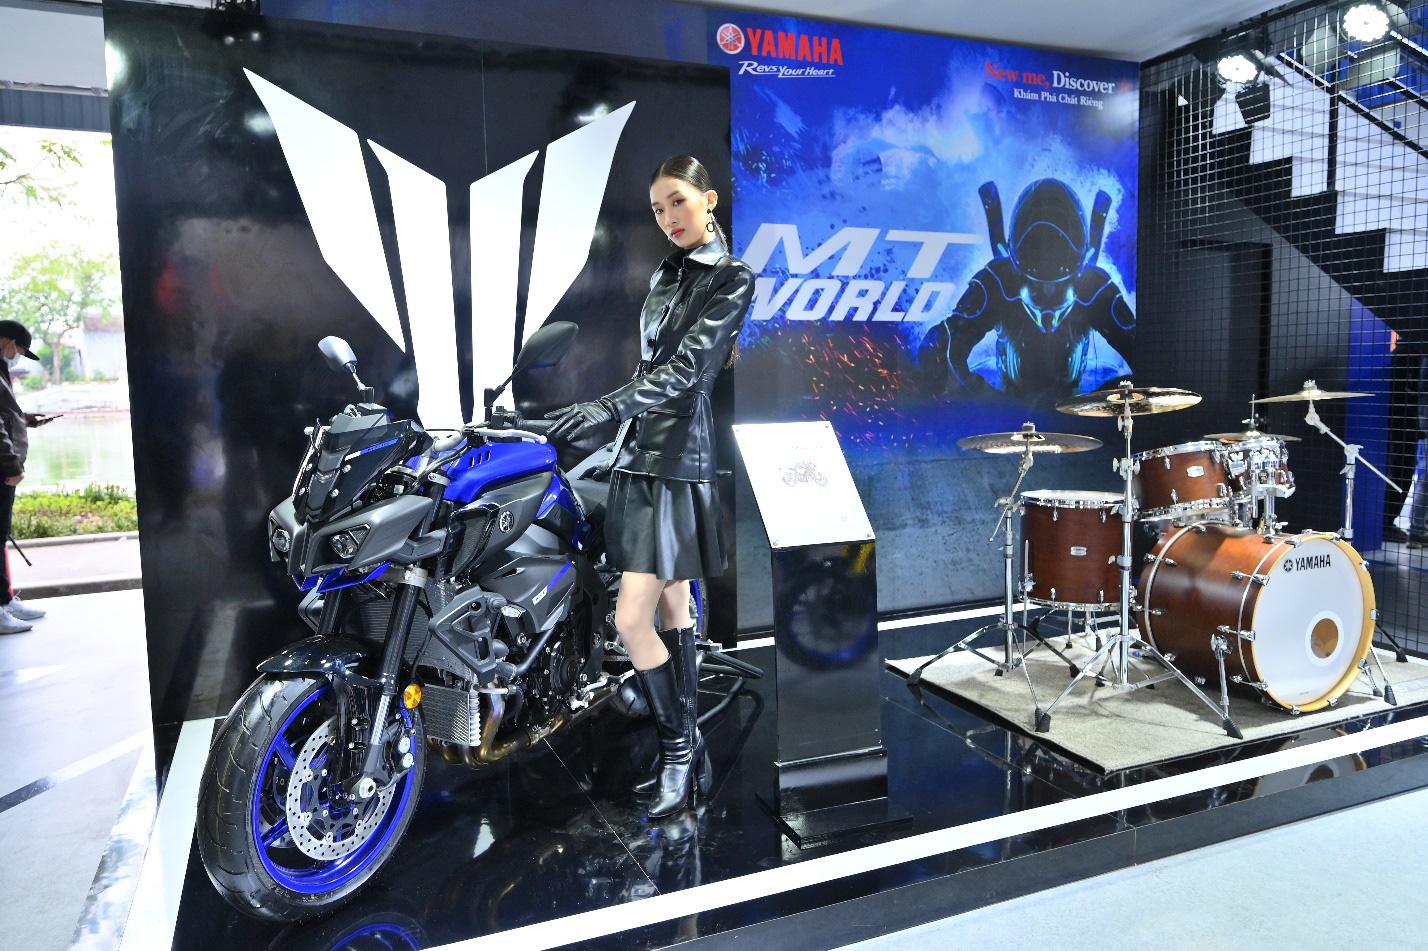 Yamaha Motor tiên phong tạo ra triển lãm motor show theo phong cách riêng chưa từng có tại Việt Nam - Ảnh 7.